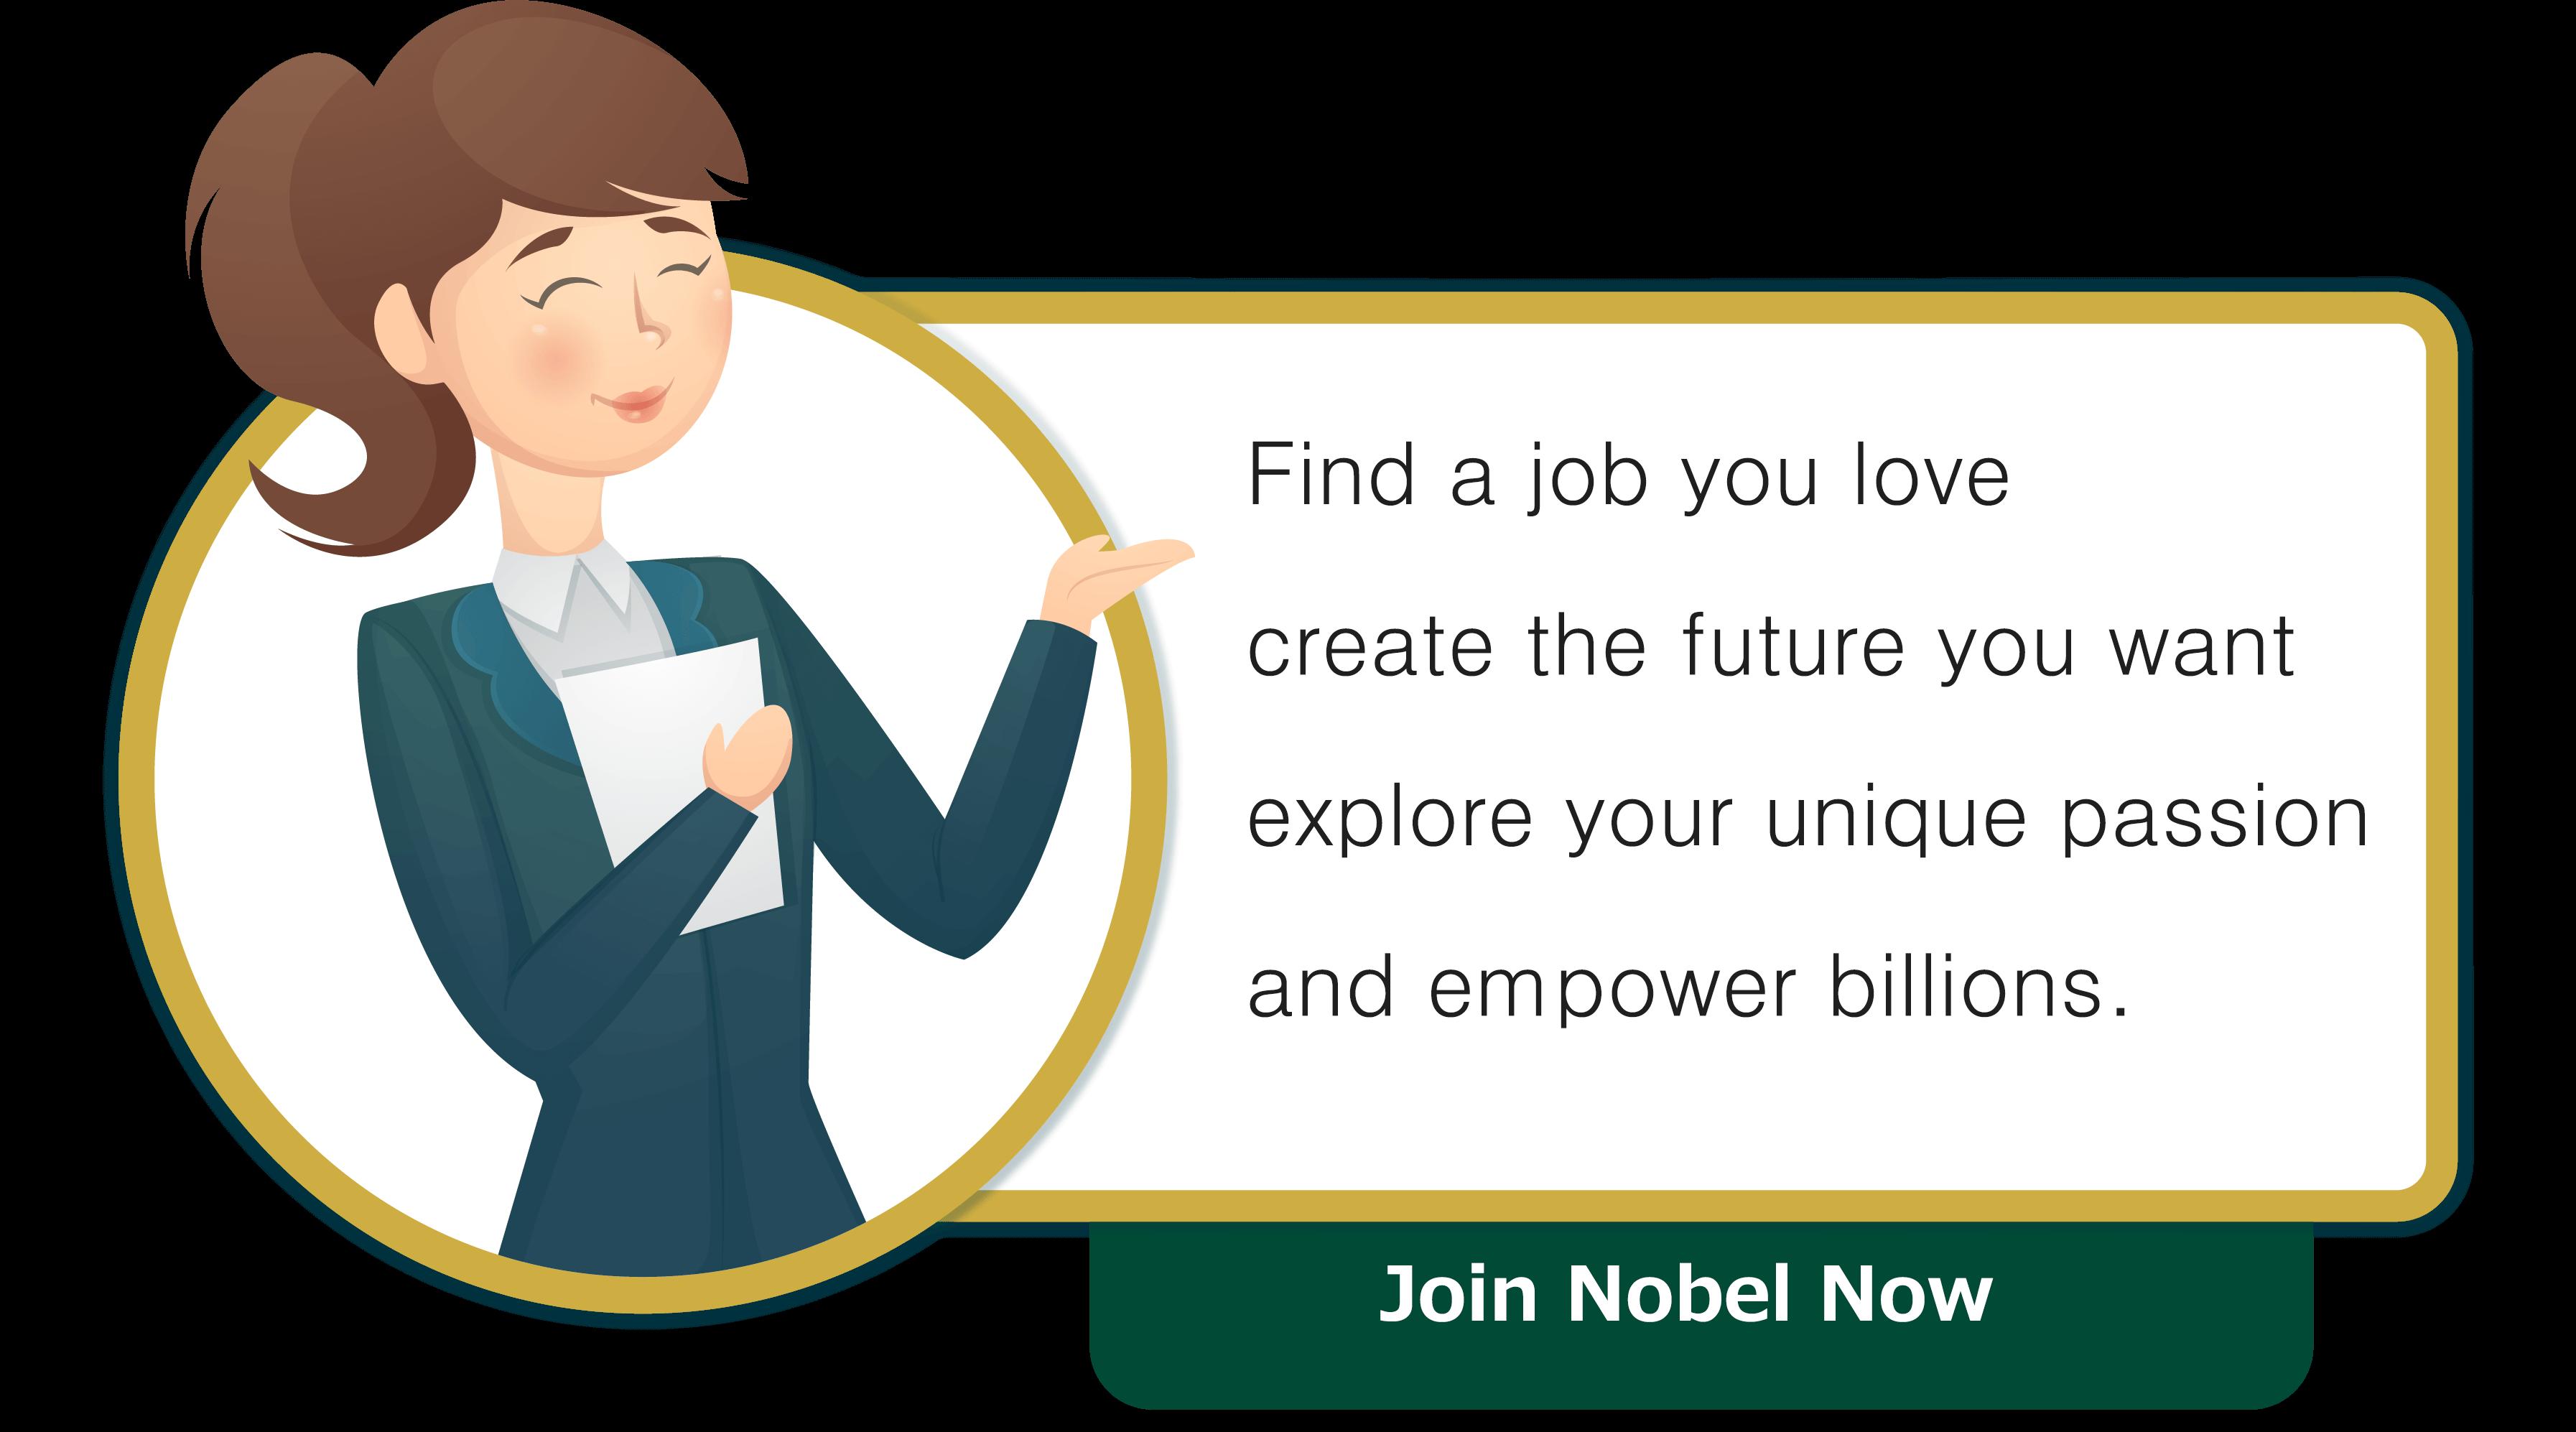 استخدام در نوبل